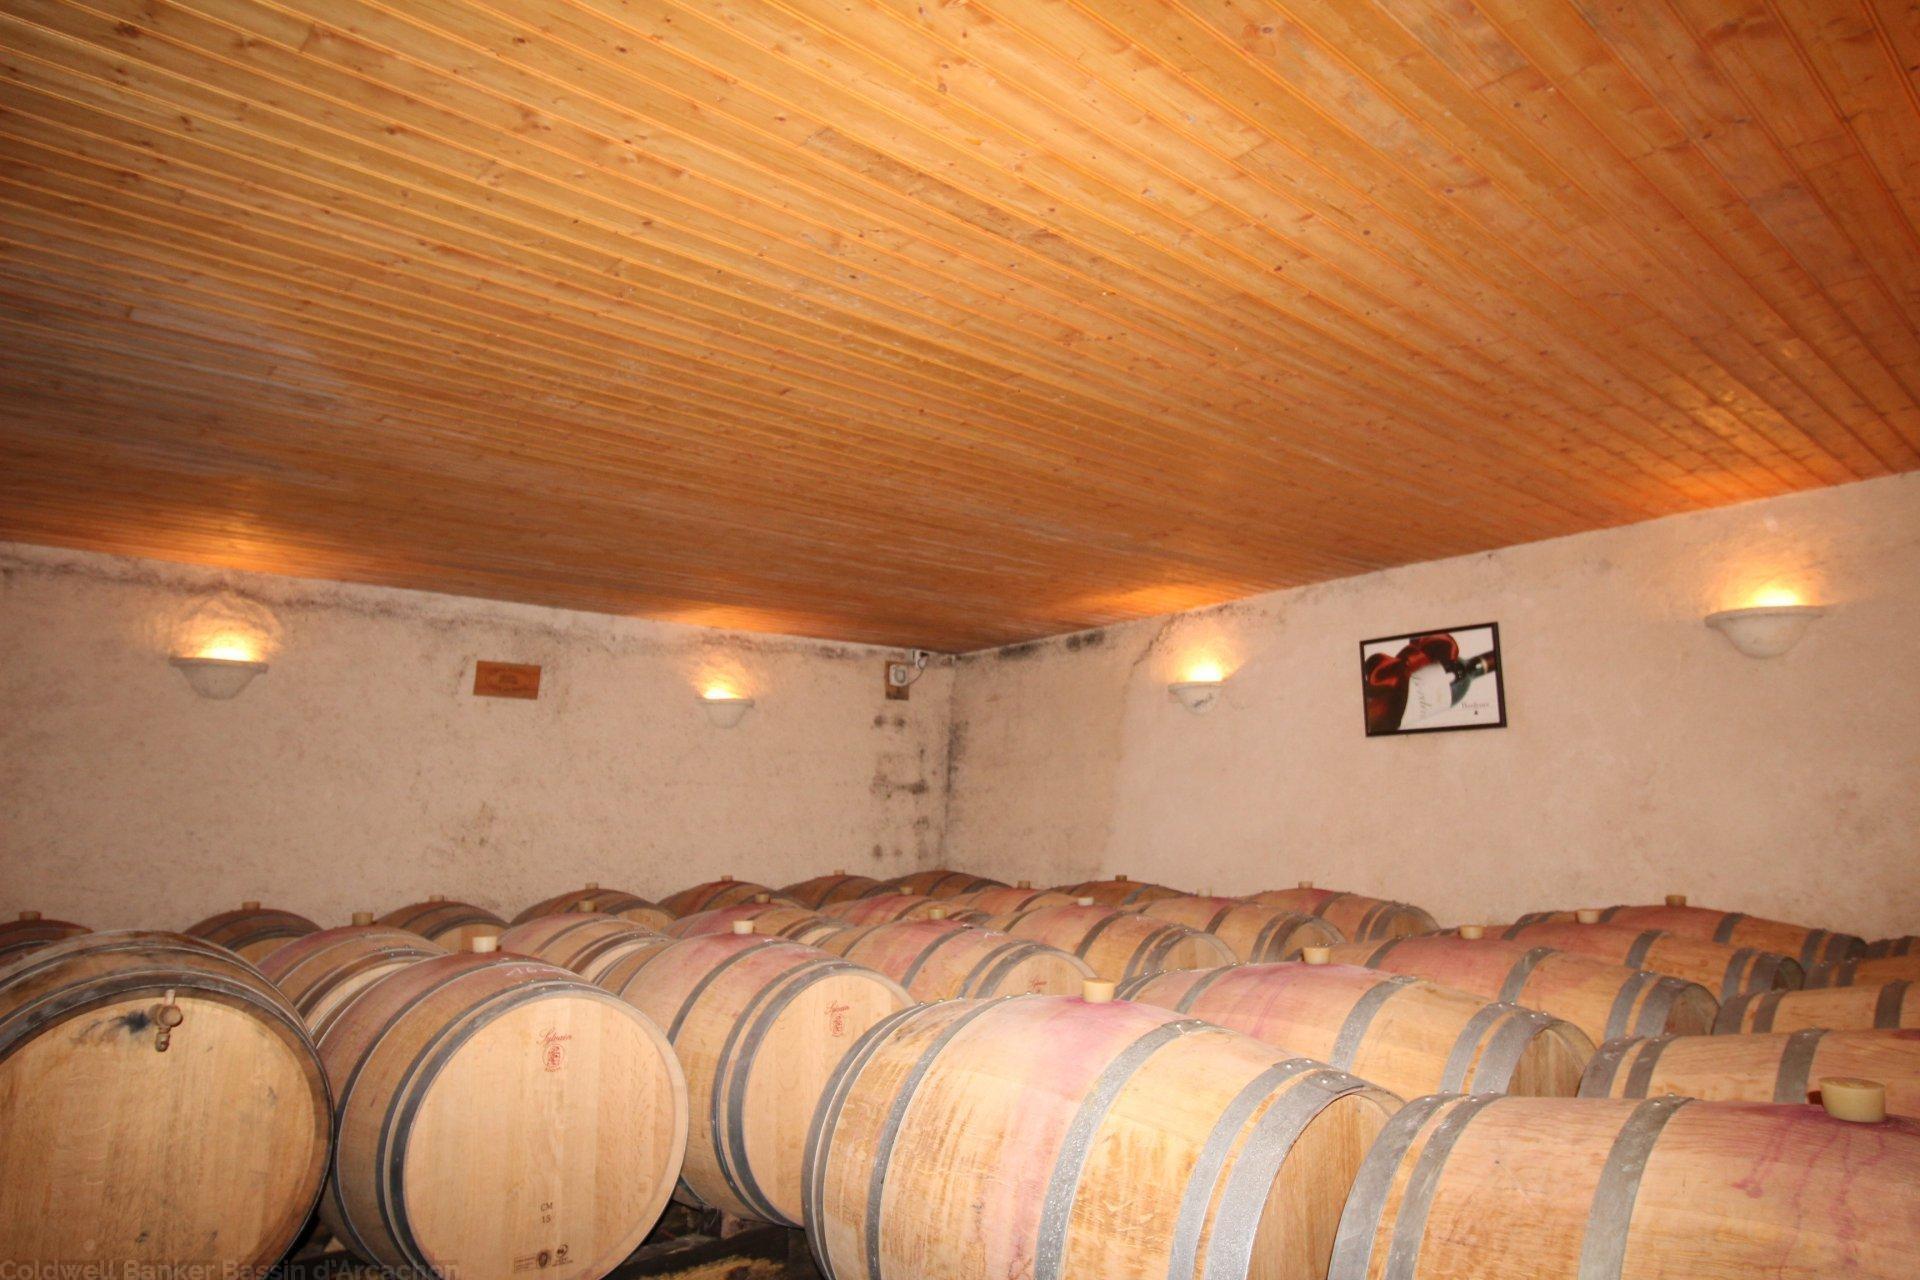 Achat propriété viticole en blayais saint ciers de canesse